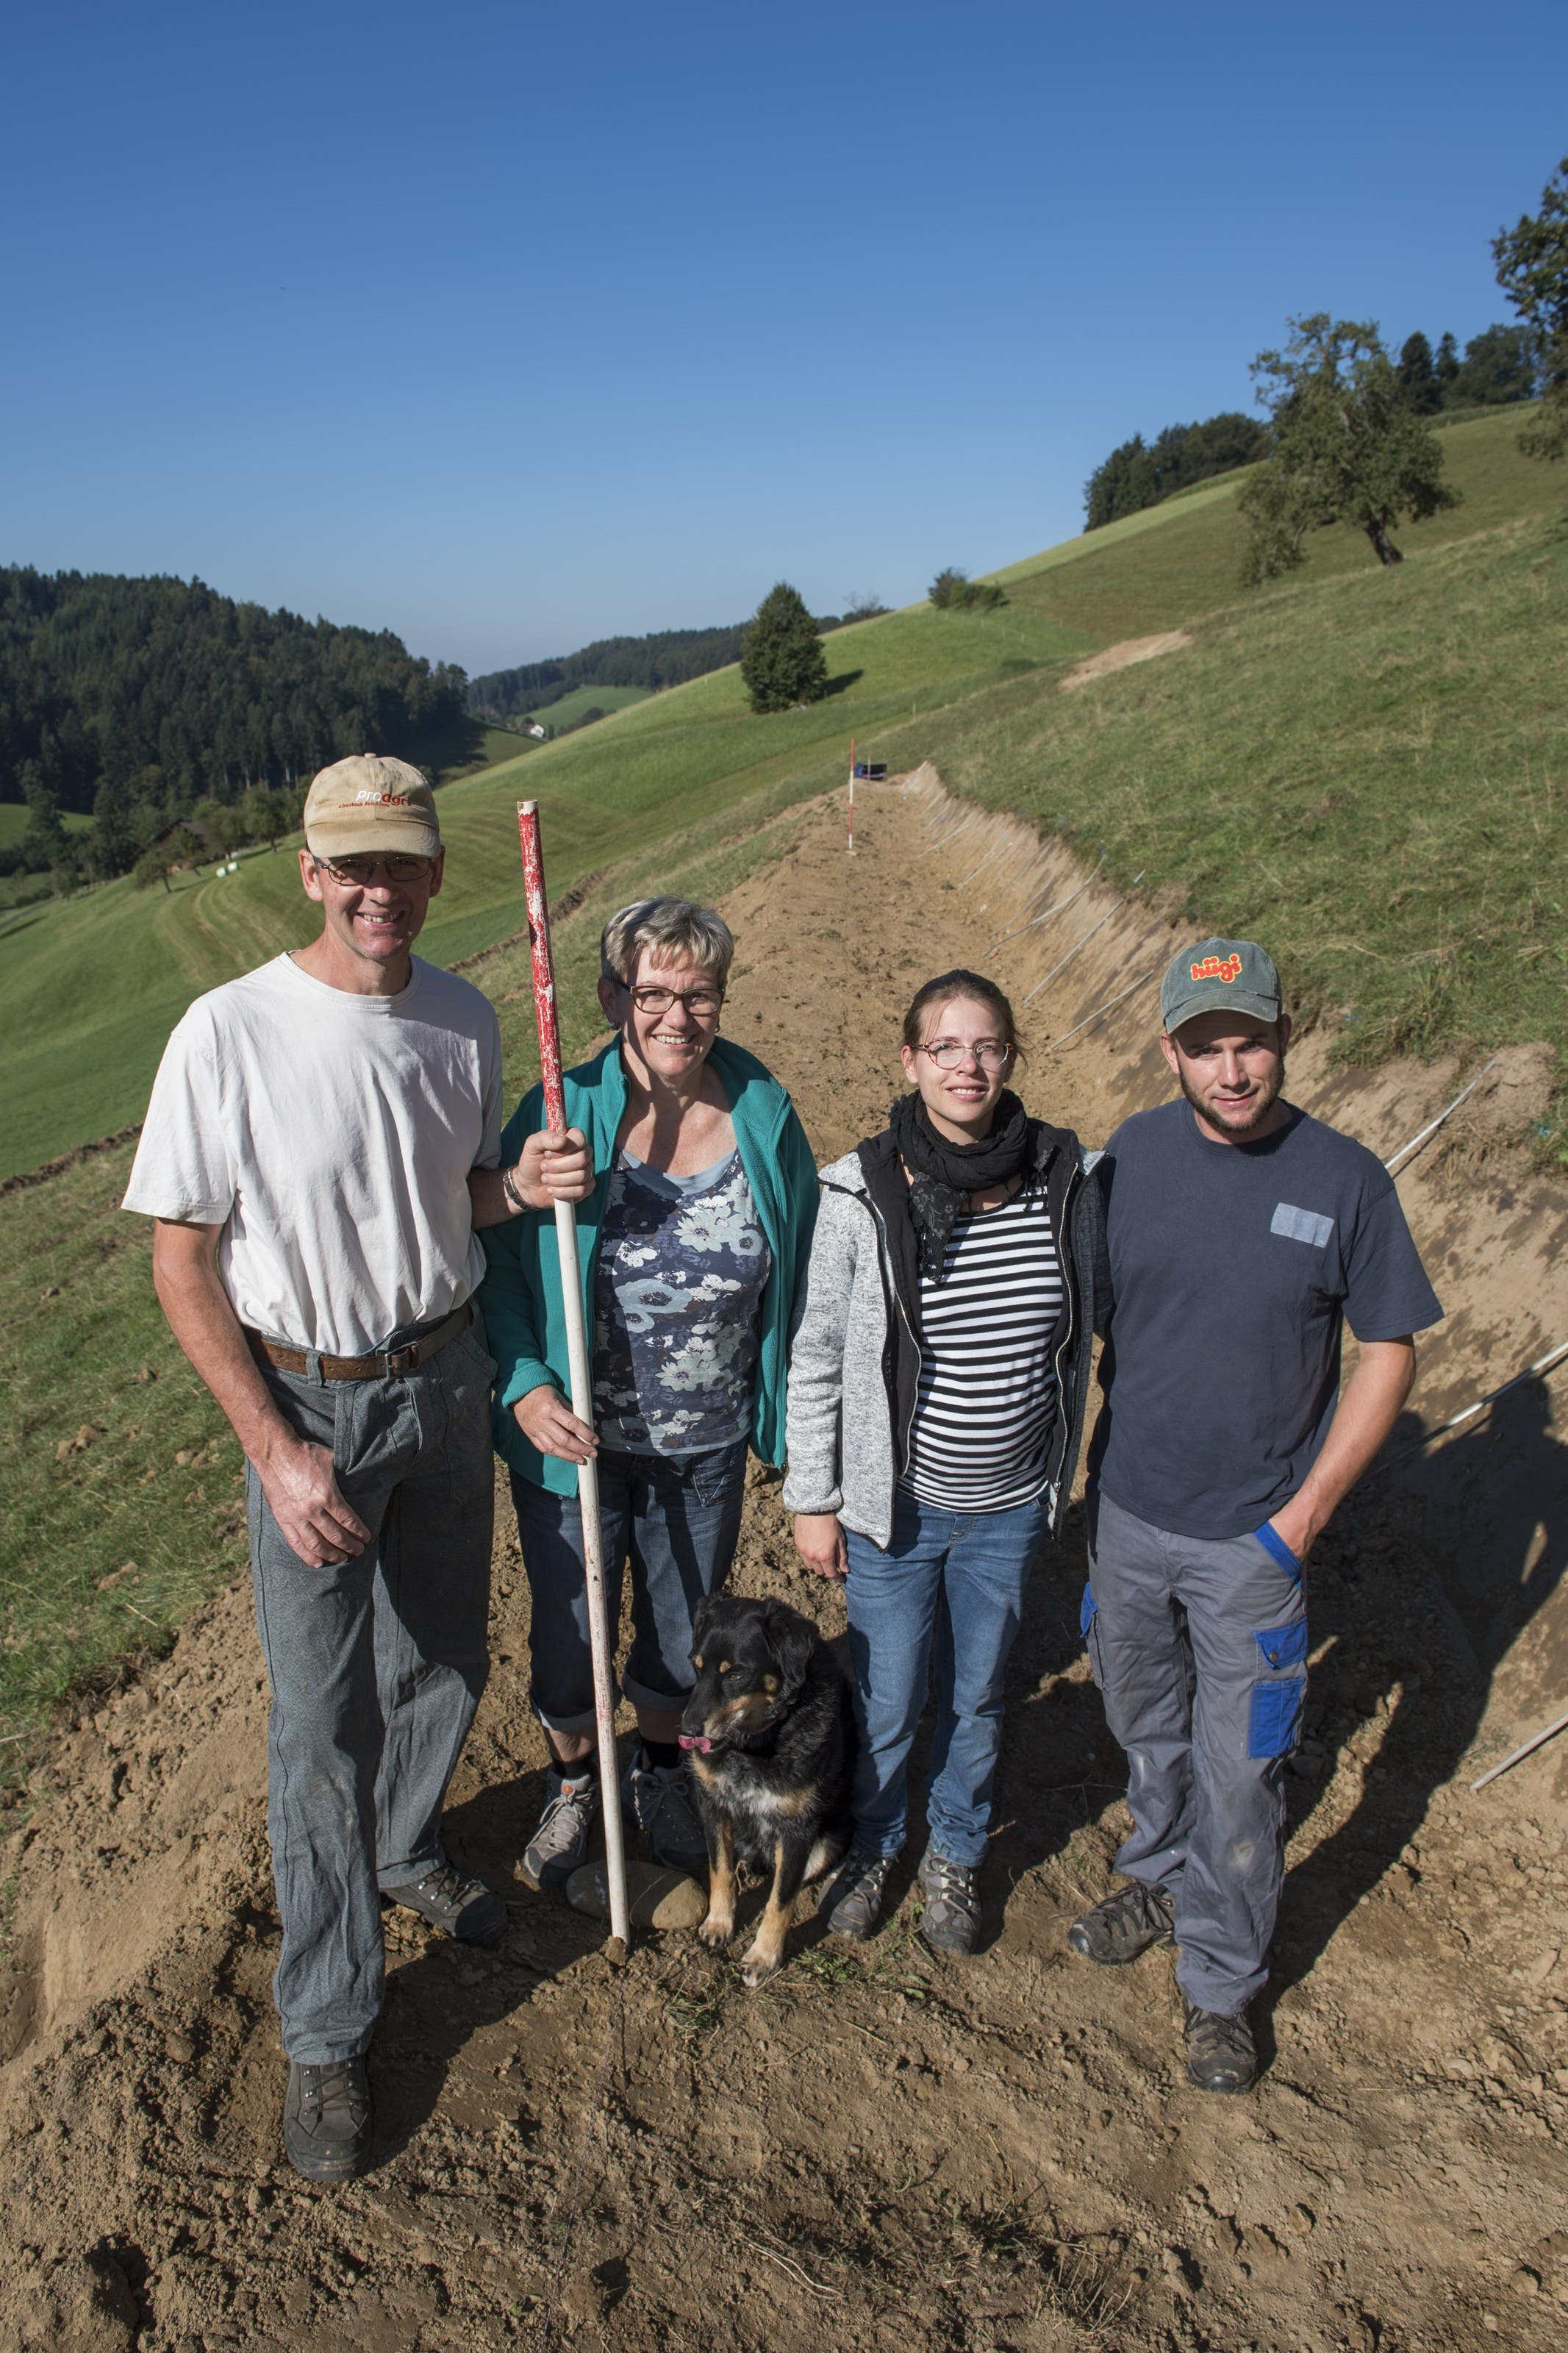 Familie Müller auf ihrem 50 Aren grossen Rebberg-Standort in Wiliberg